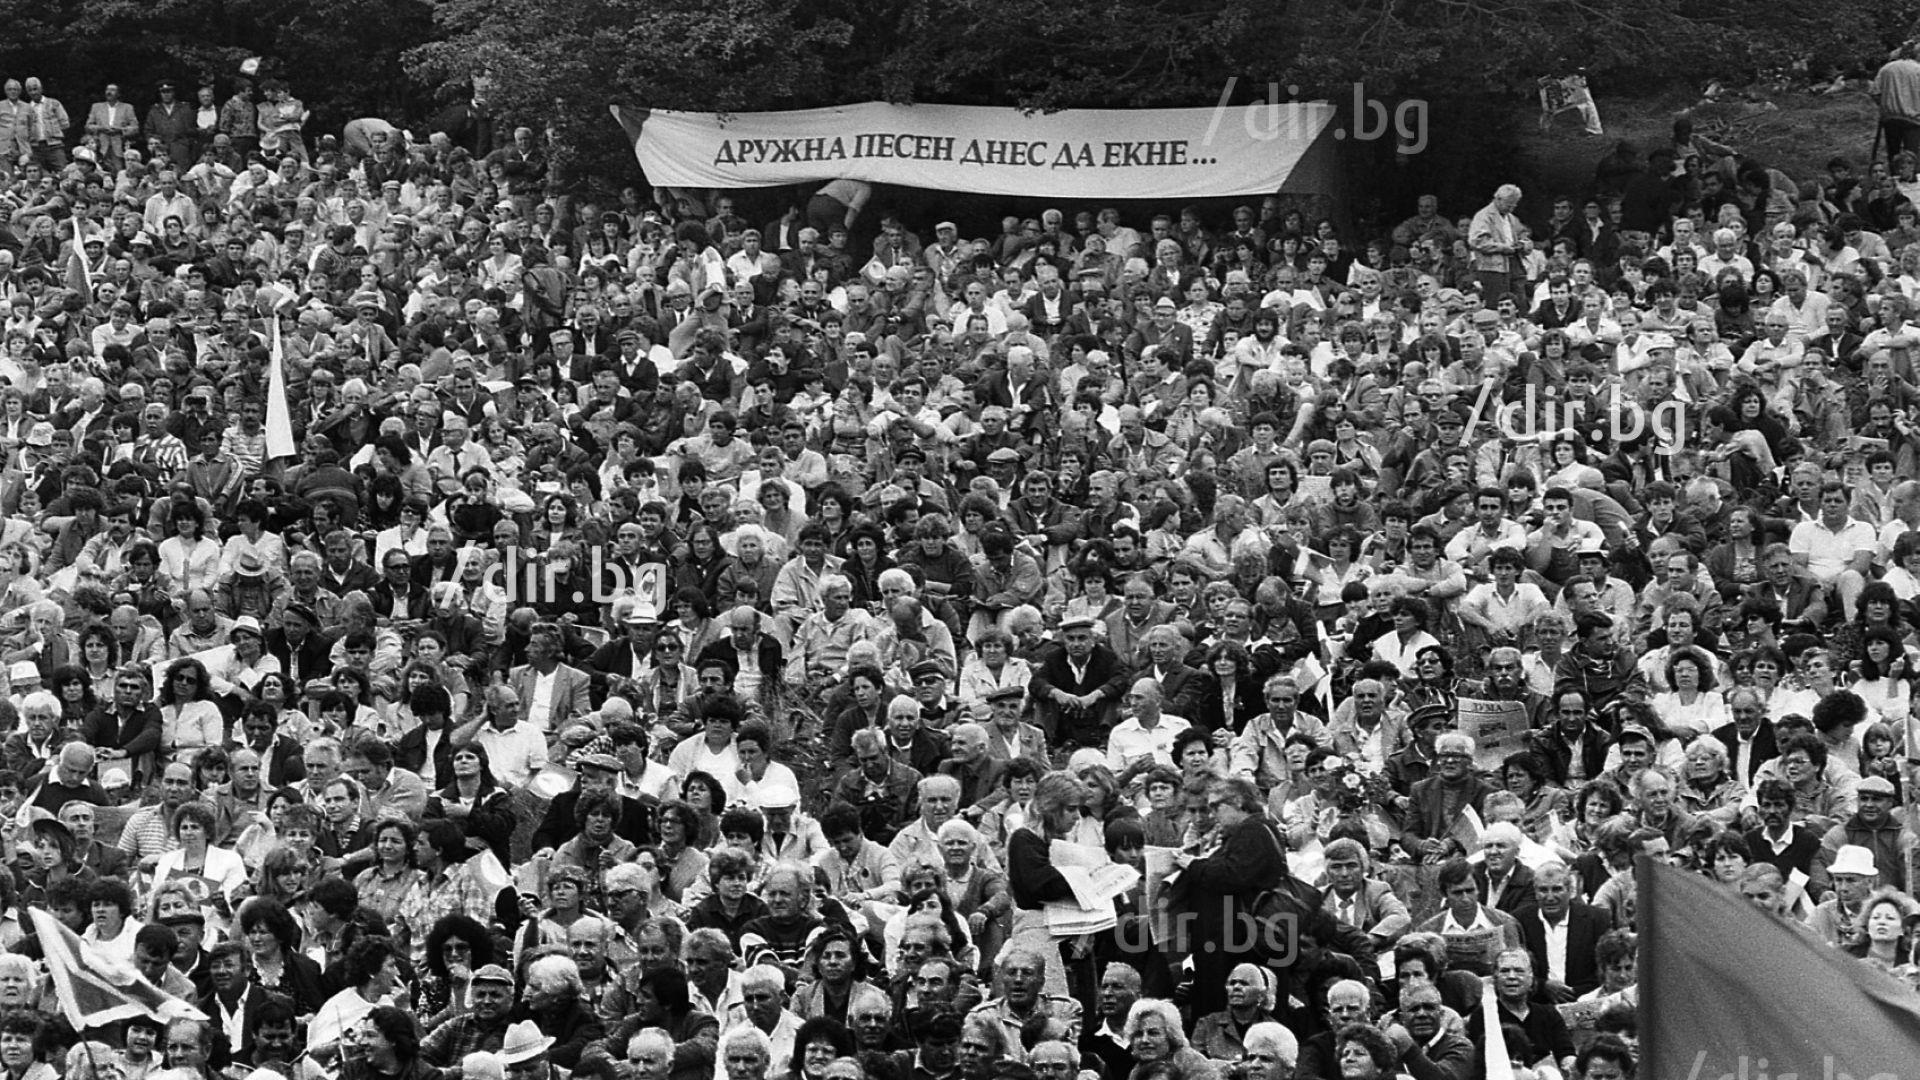 Социалистите и Бузлуджа: Денят, в който БСП се превърна в Столетницата (снимки)